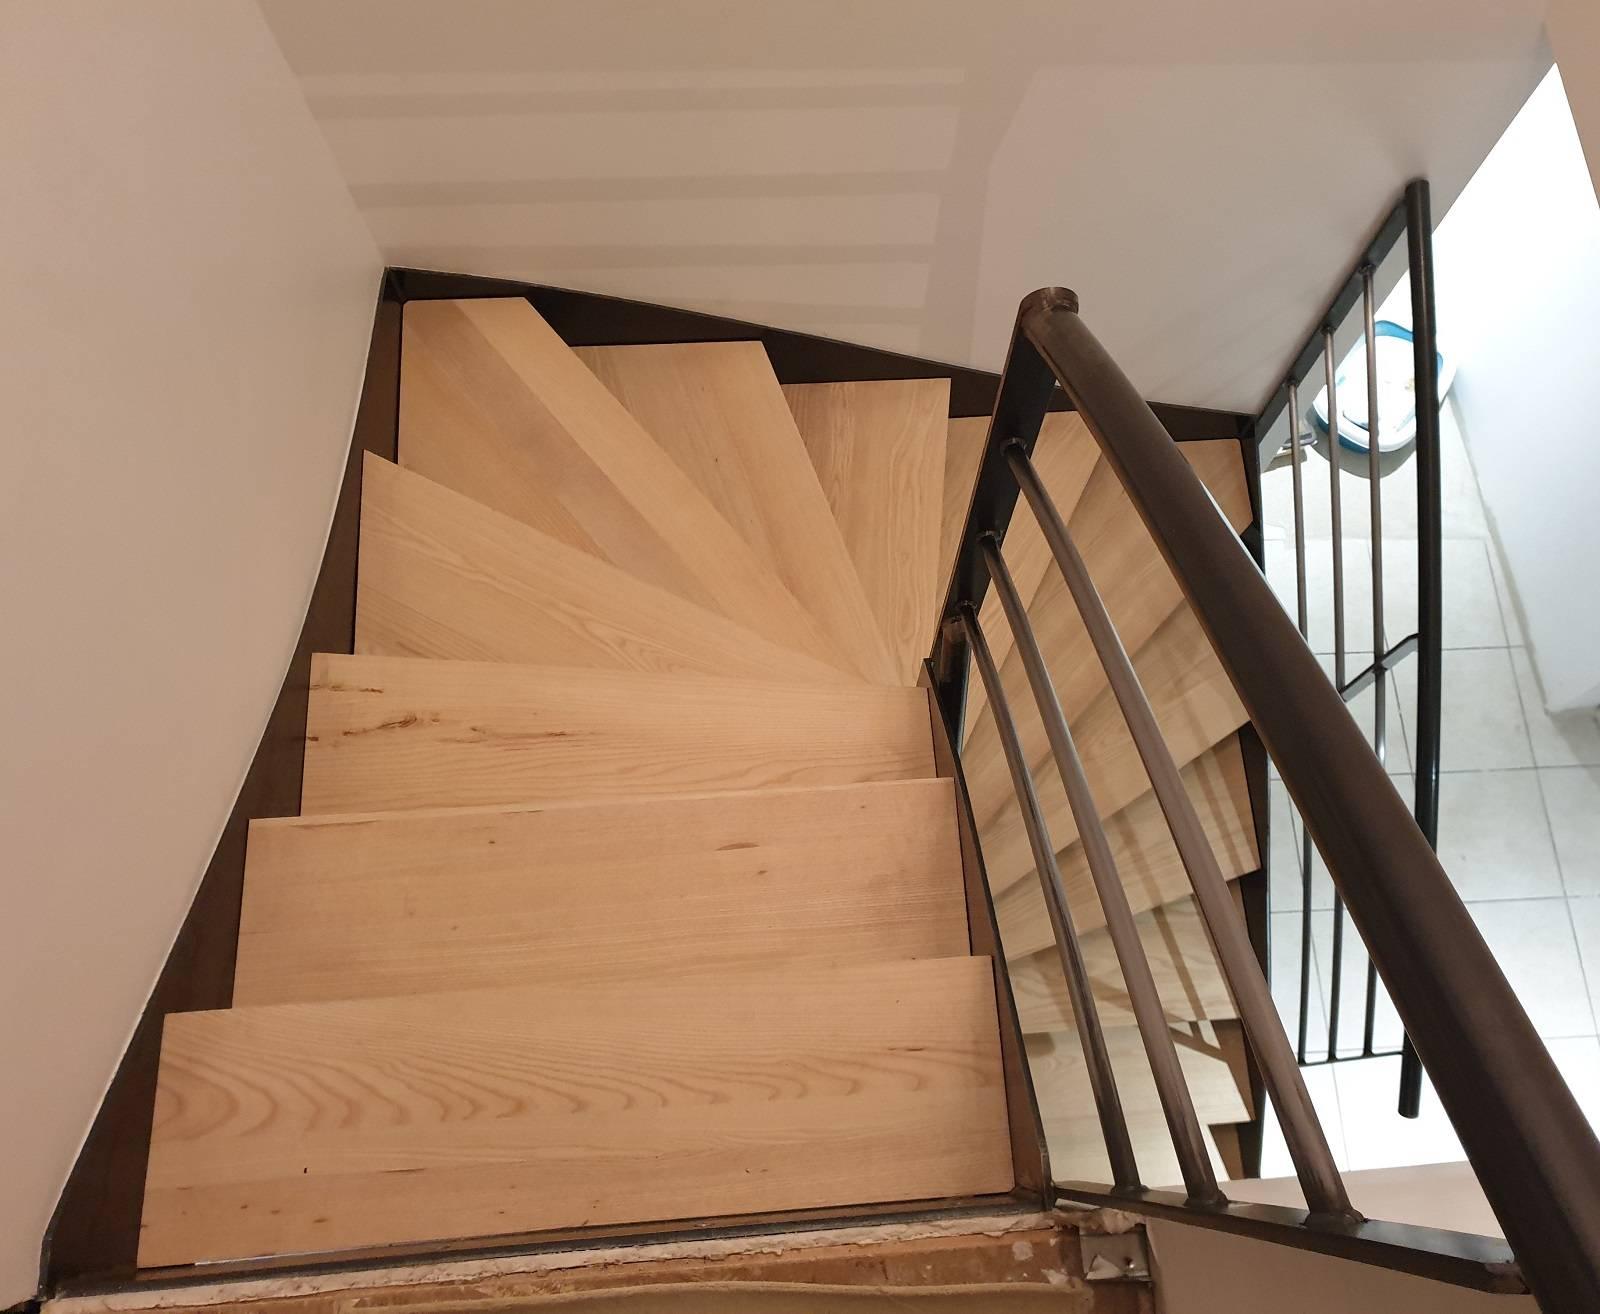 Fabricant D Escalier Bois conception, création et fabrication d'un escalier 1/2